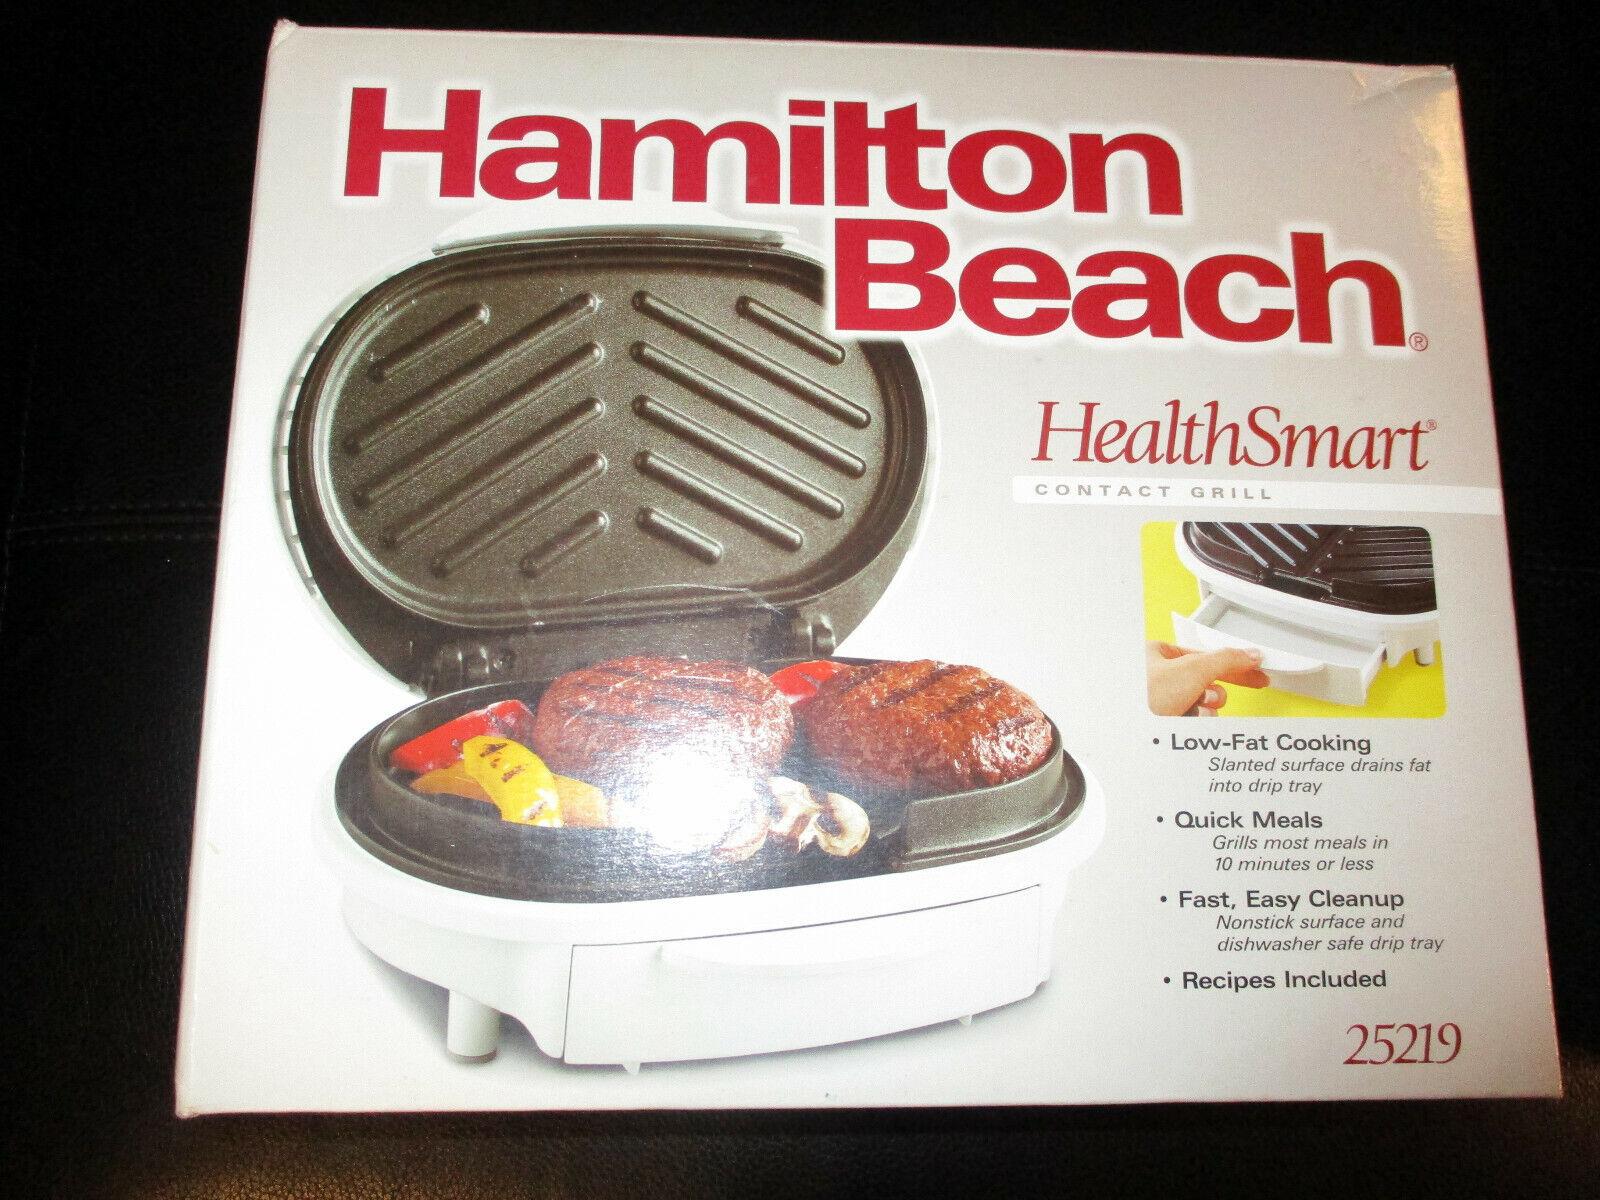 Hamilton Beach 25219 Health Smart Contact Grill White NEW IN